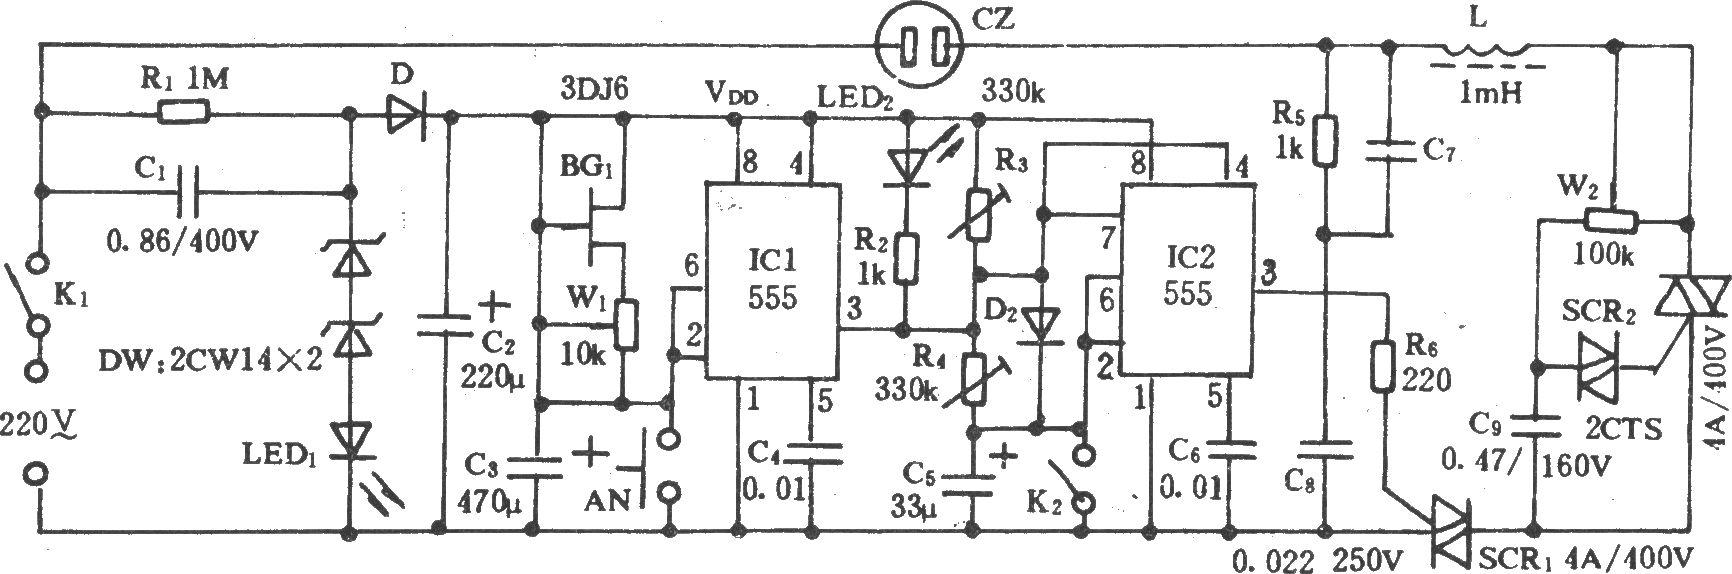 电风扇多功能定时控制电路